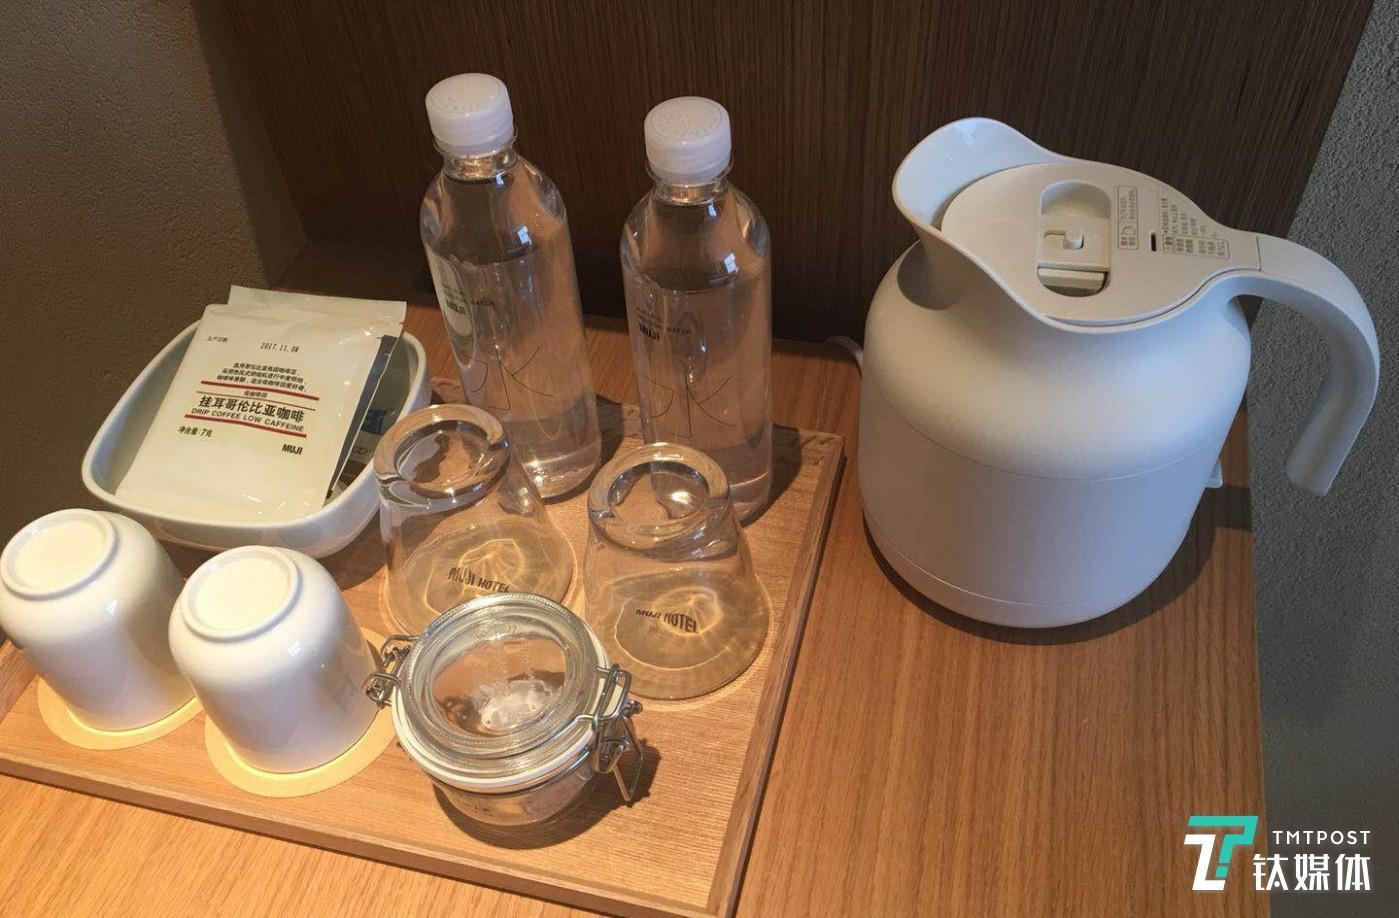 大多数装潢摆设自然均来自 MUJI,包括具有代表性的深泽直人系列:白色电热水壶、壁挂式 CD 机等